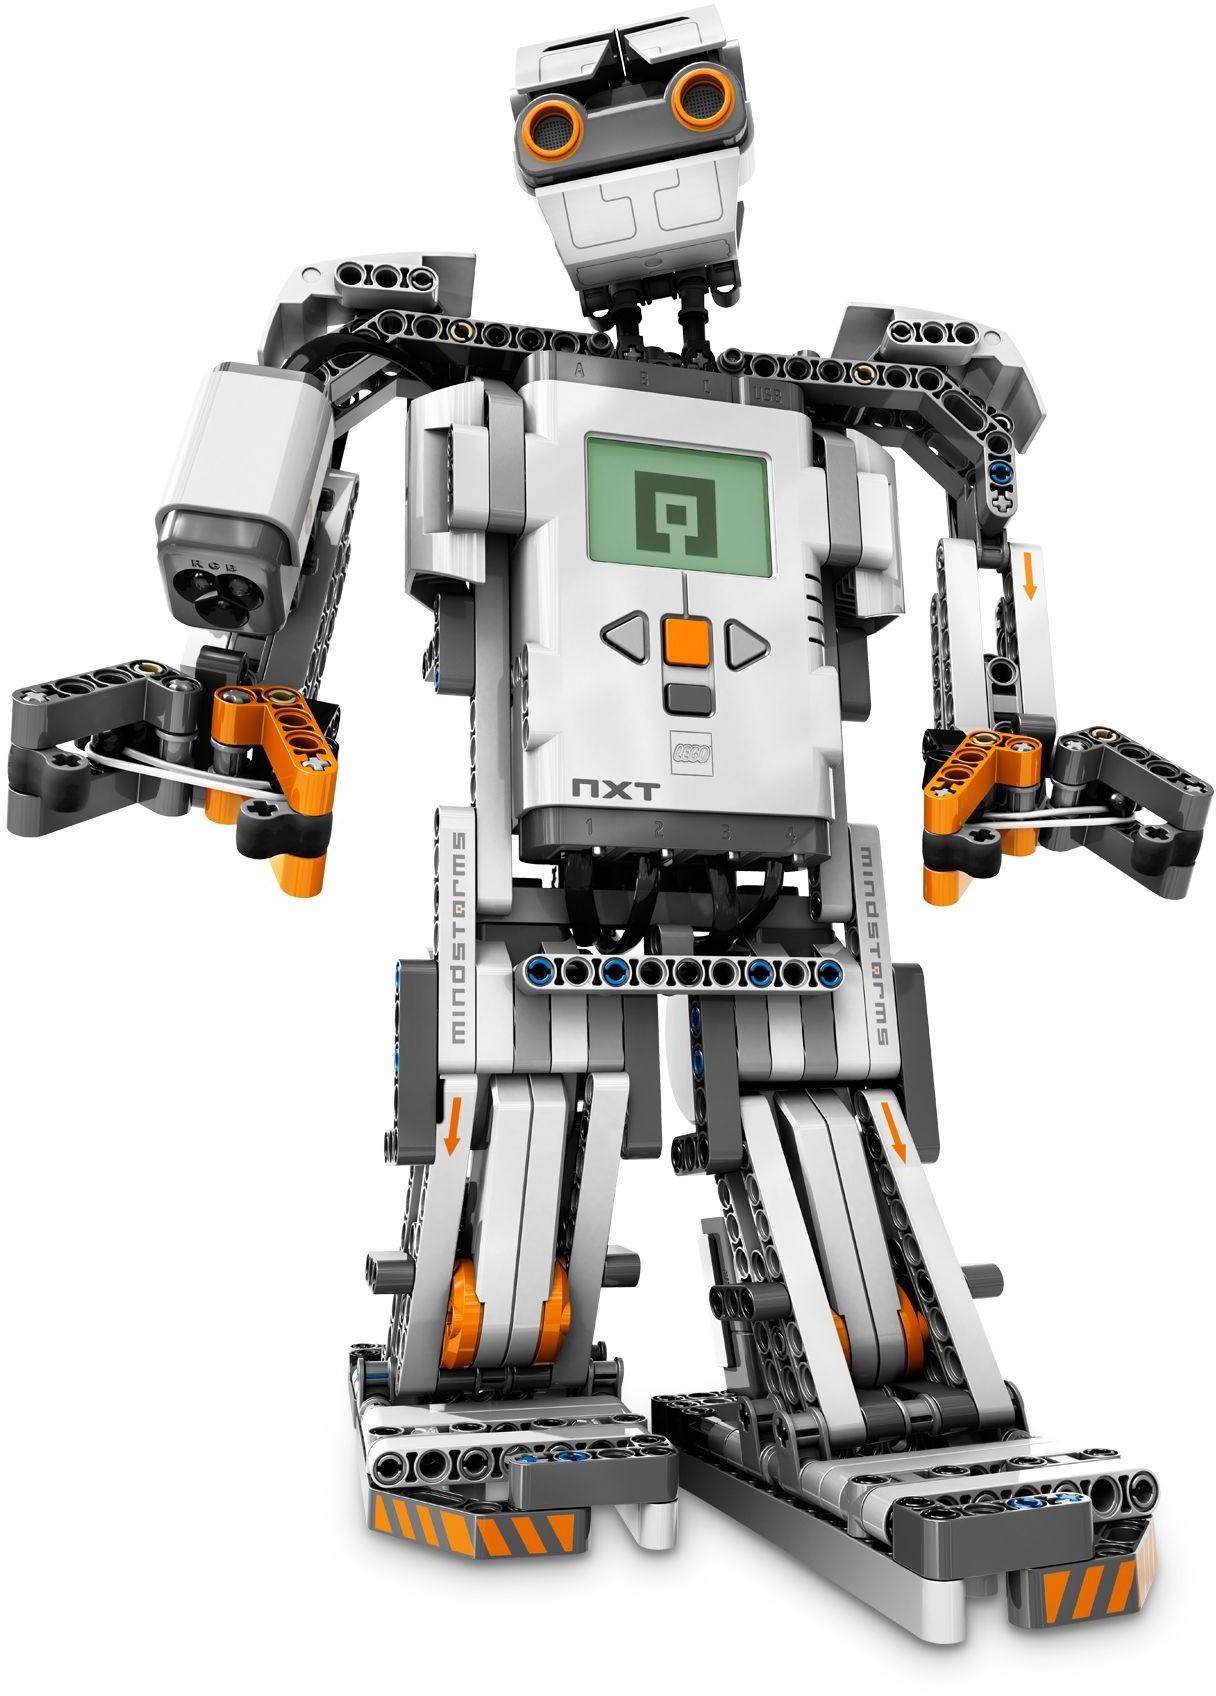 Mindstorms Nxt 20 Brickset Lego Set Guide And Database